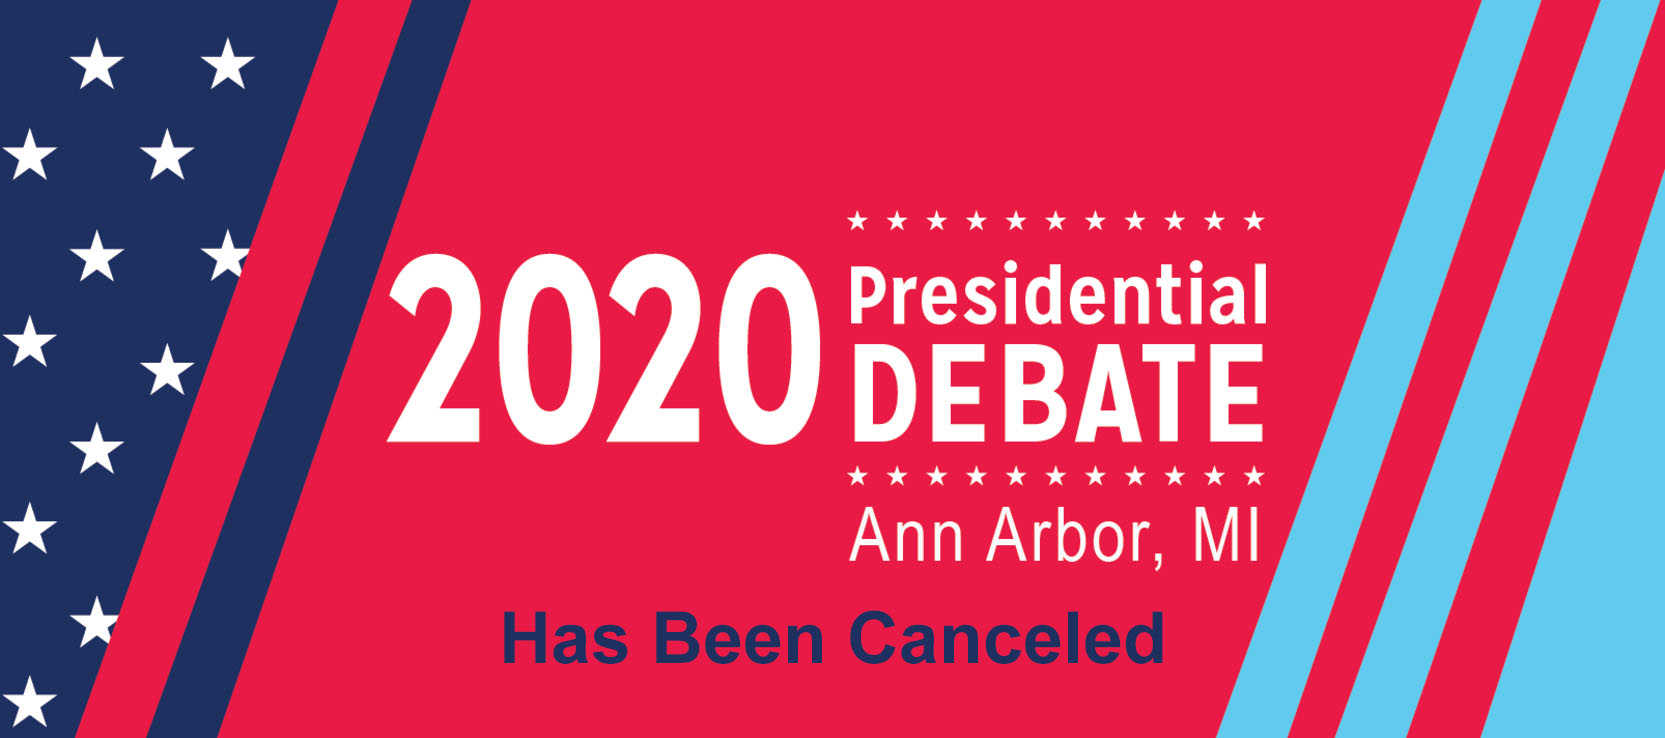 University of Michigan Presidential Debate